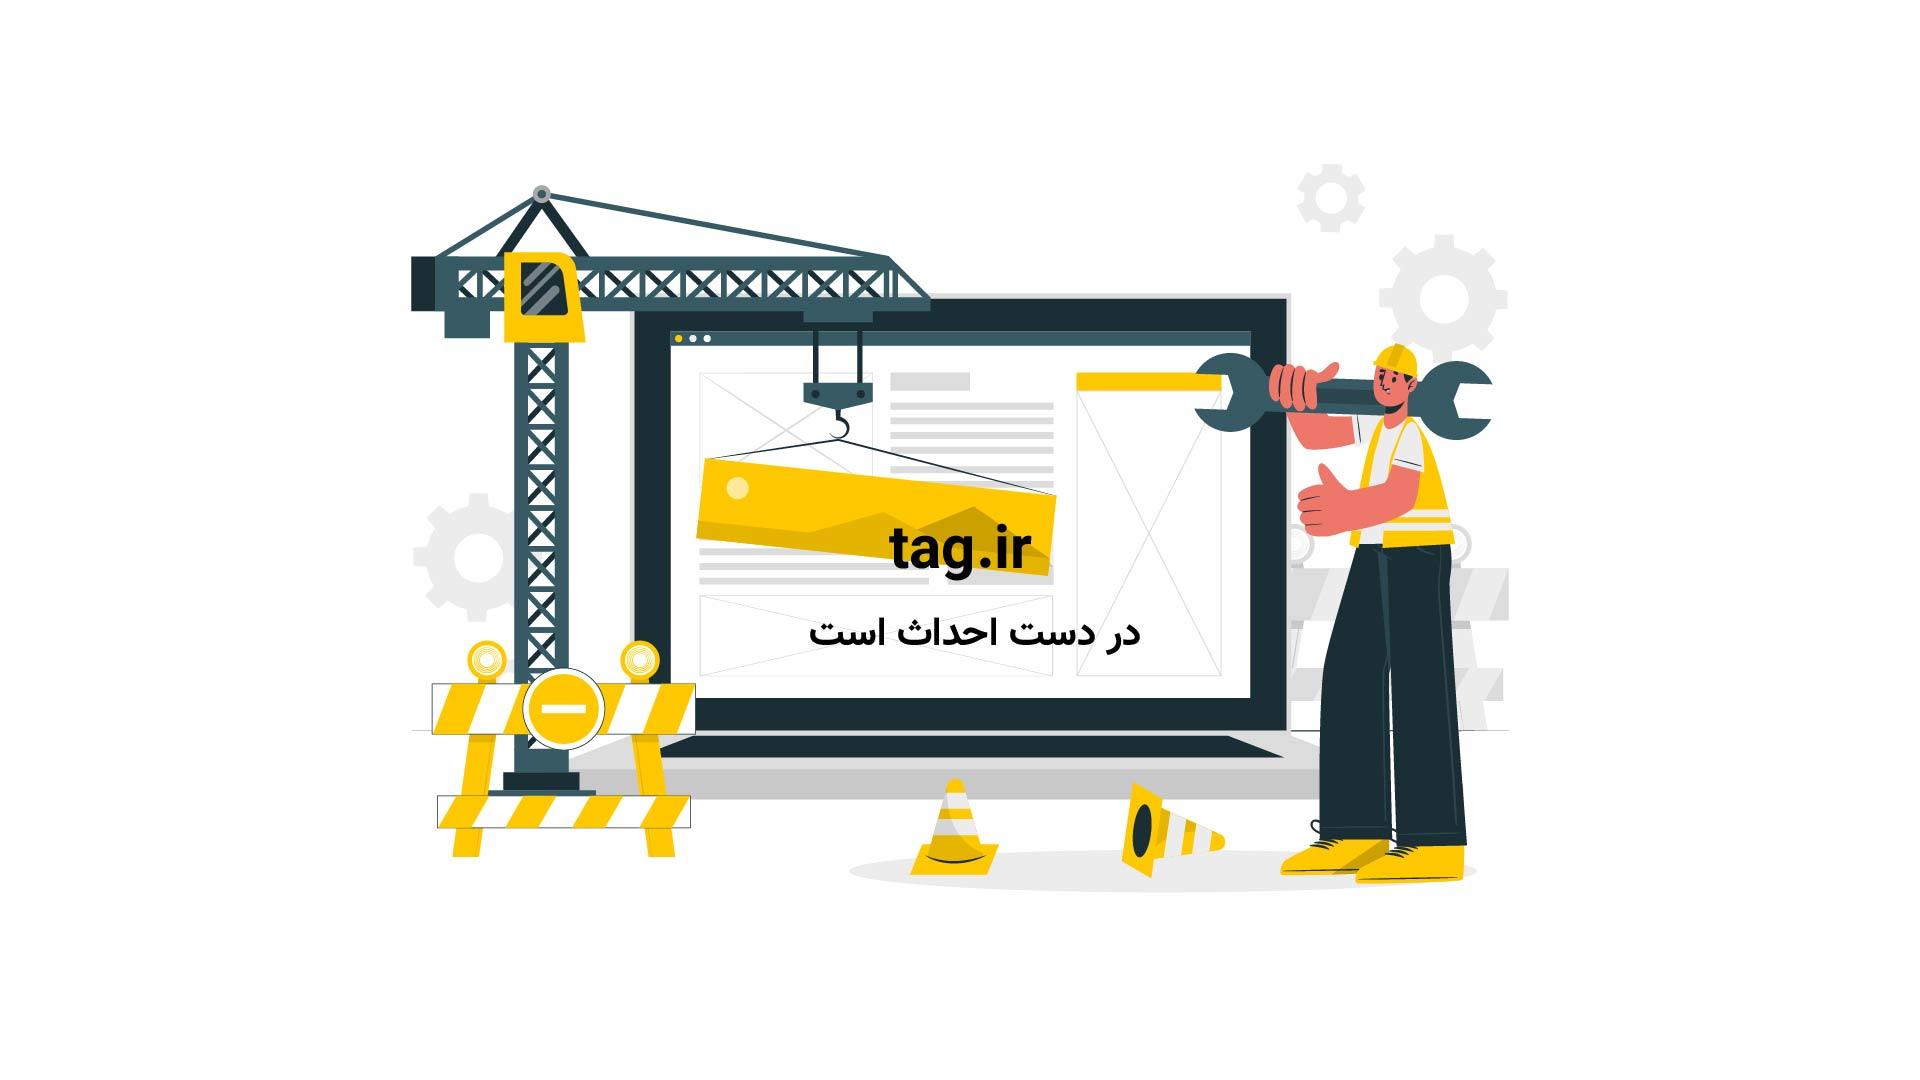 خندوانه اکبر زنجانپور | تگ